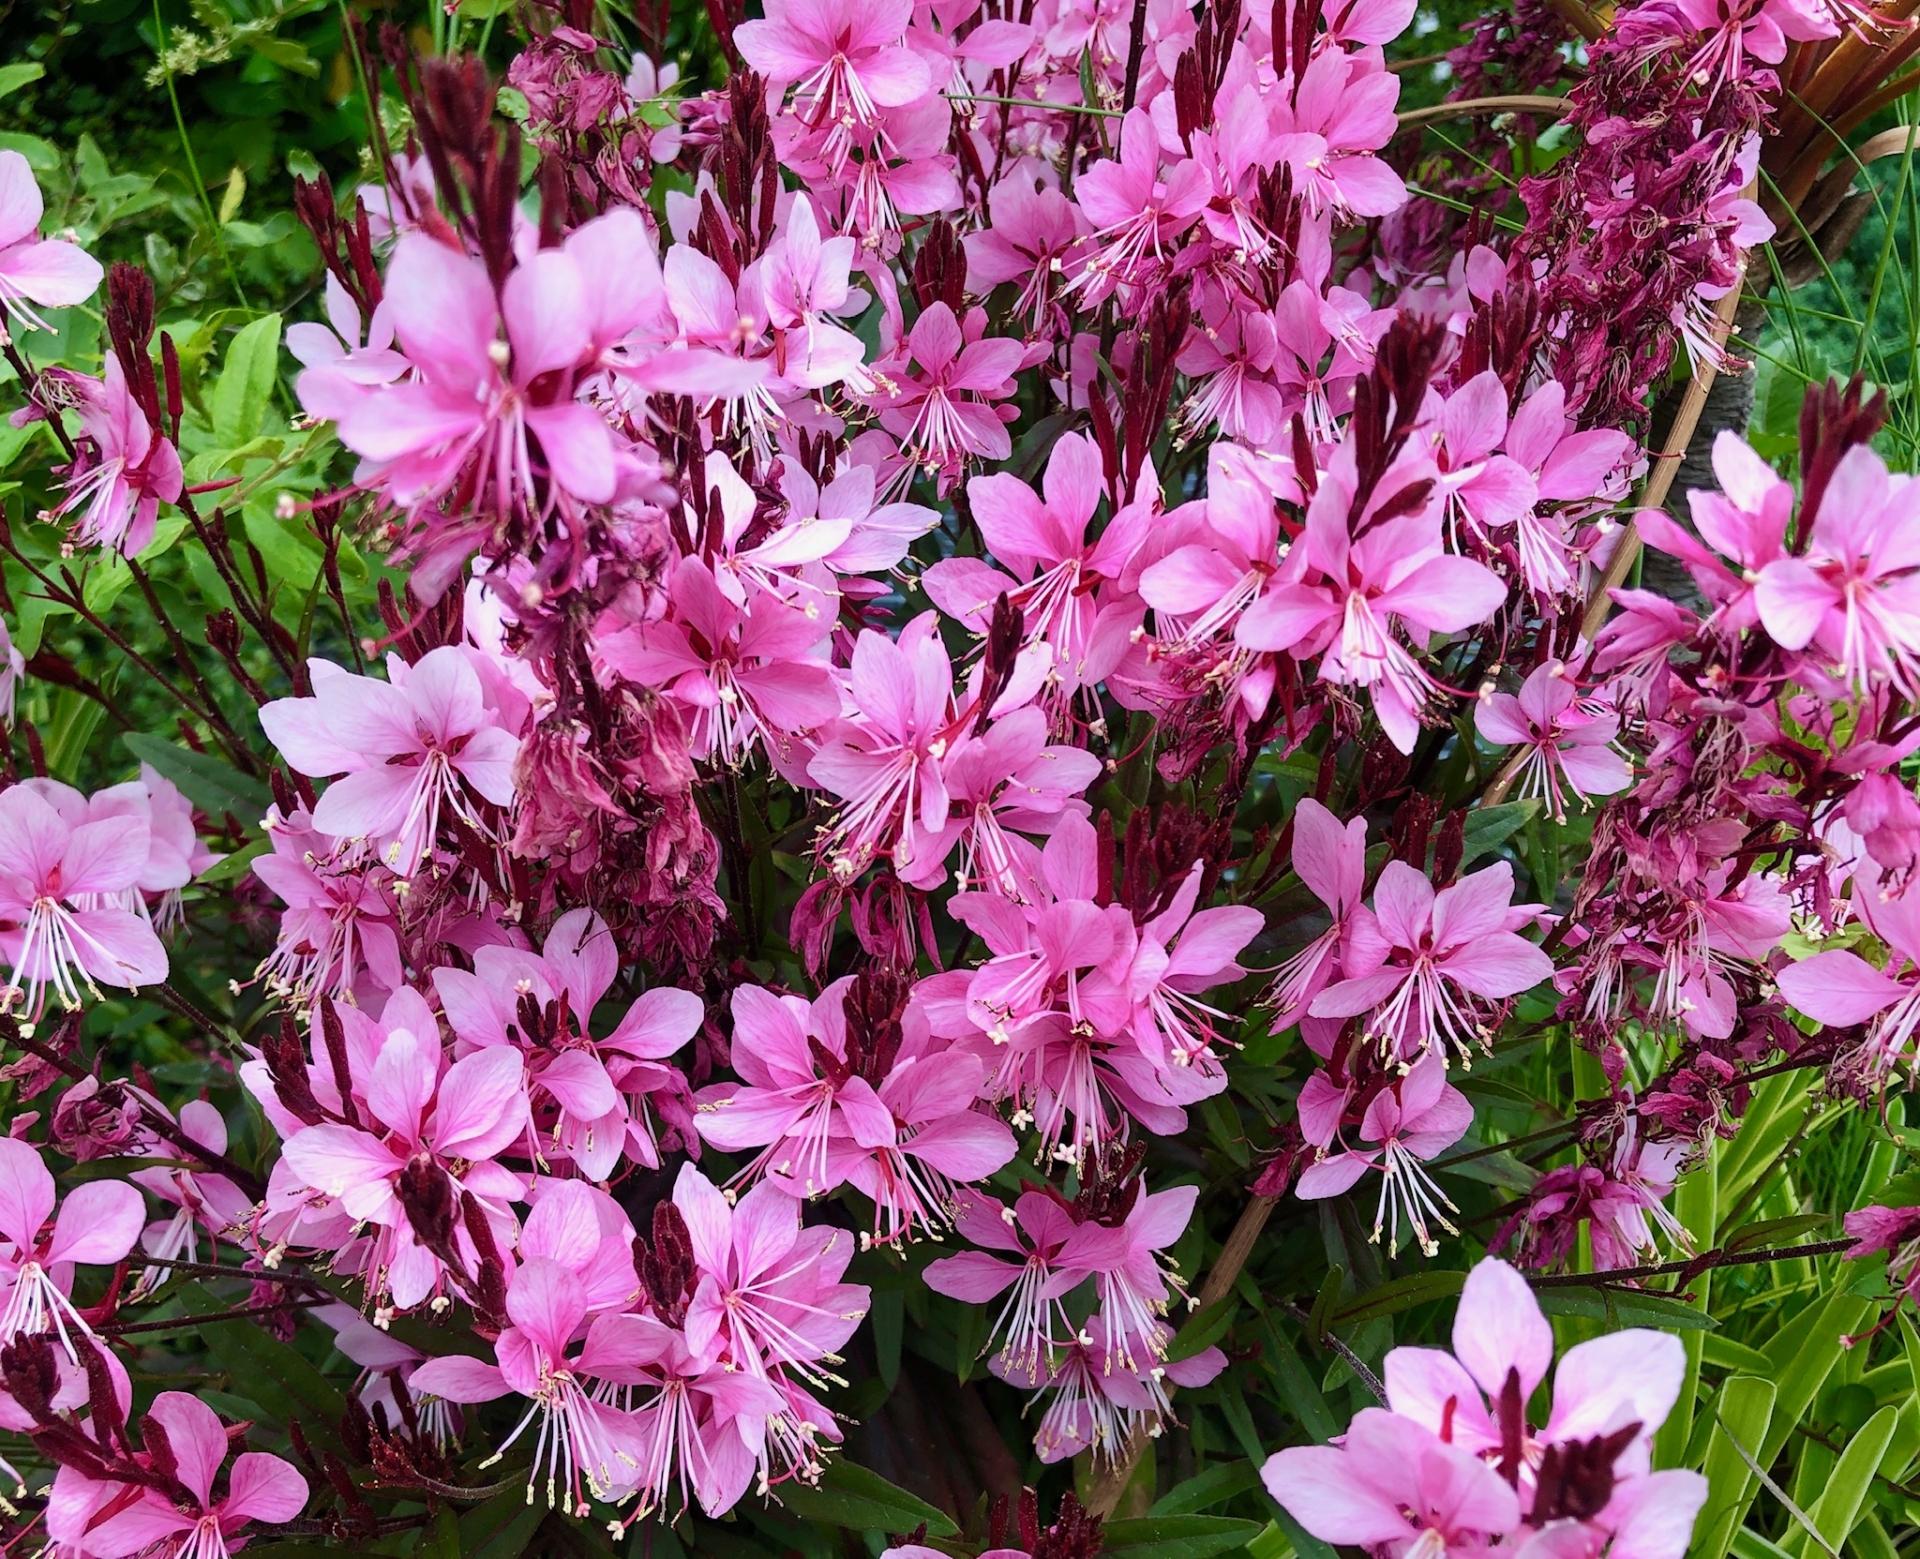 ピンクの蝶のようなお花がたくさんついたガウラ